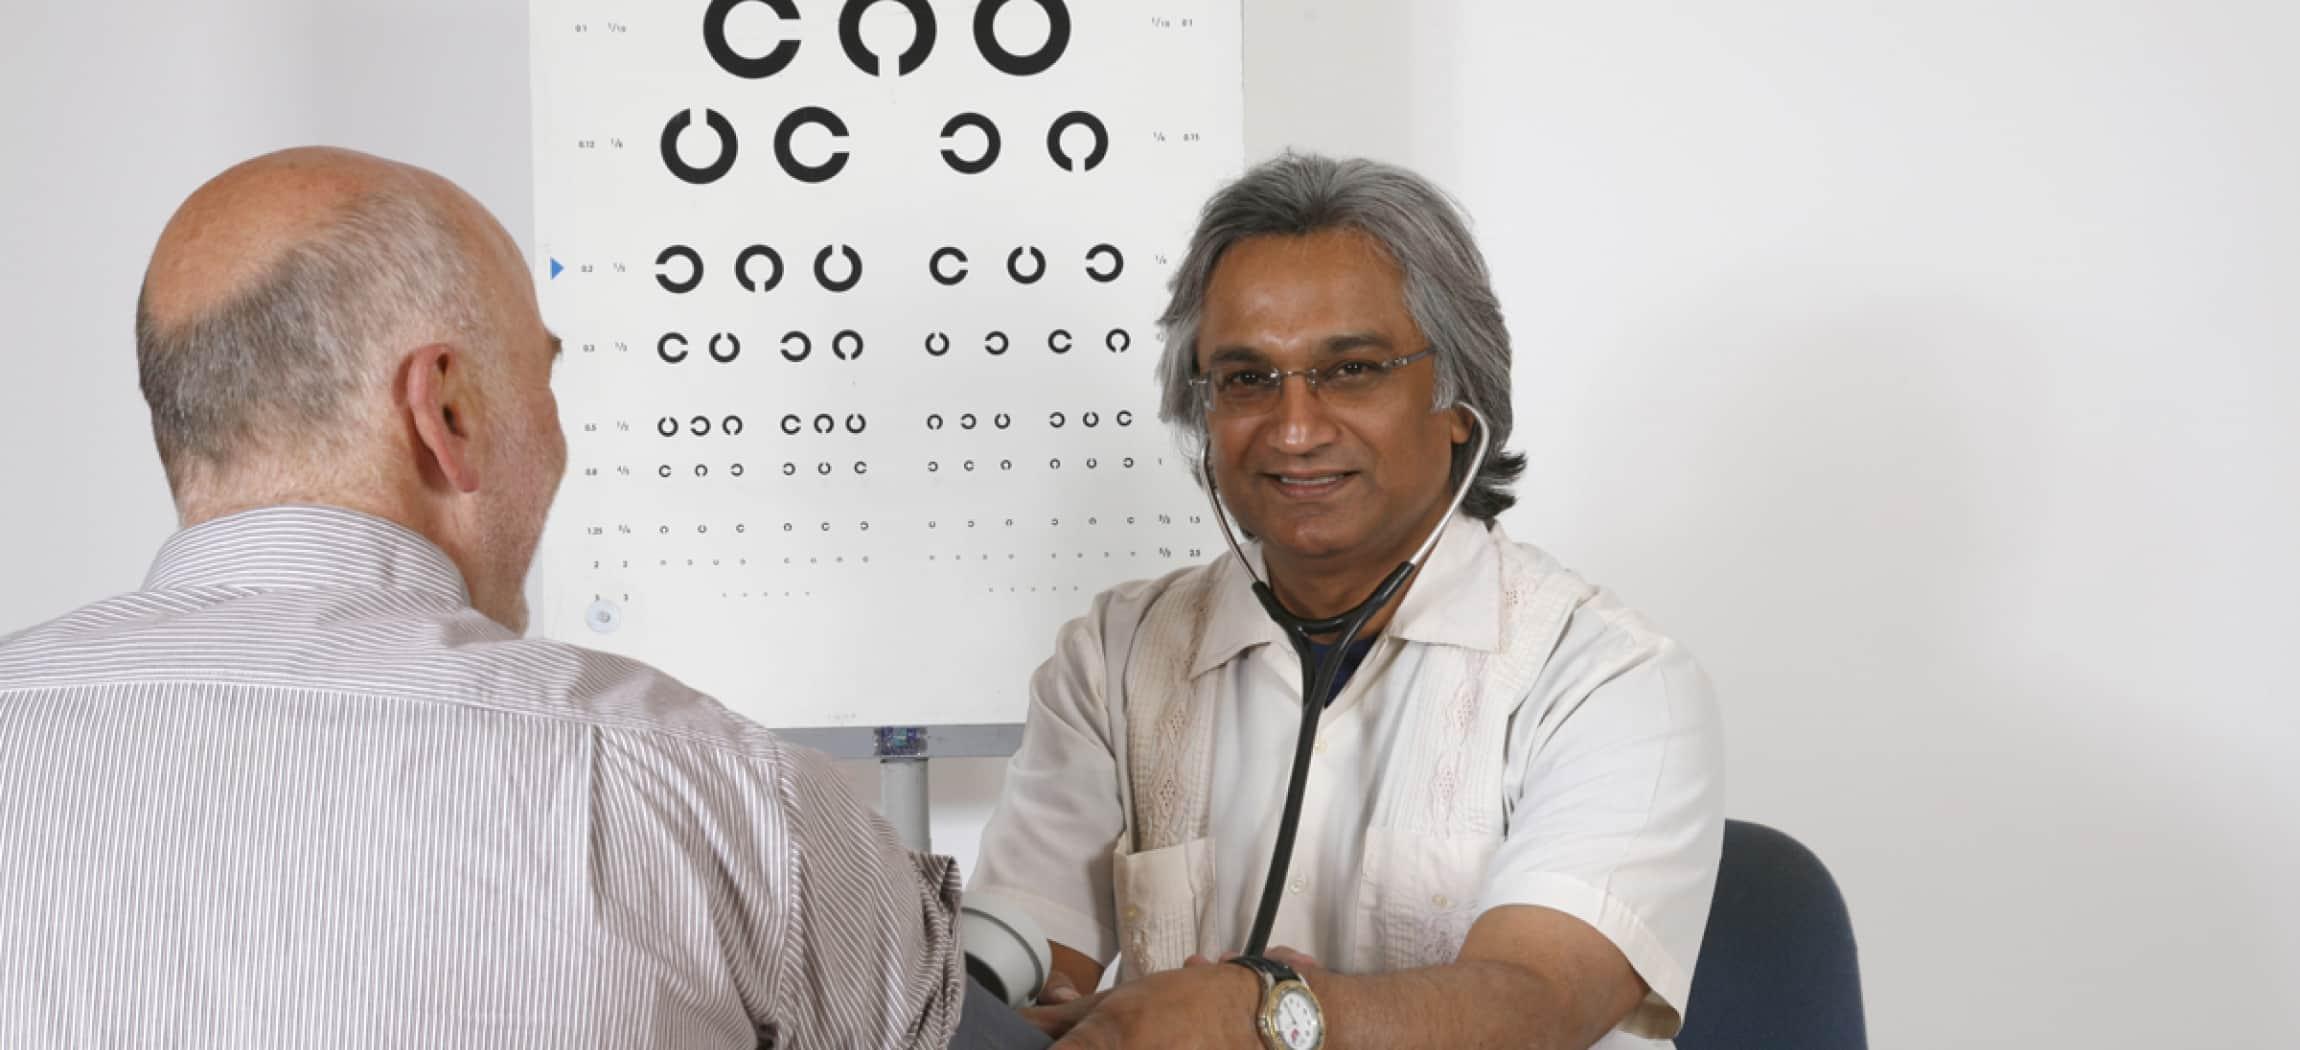 Arts doet een bloeddrukmeter om bij arm van man met poster oogtest